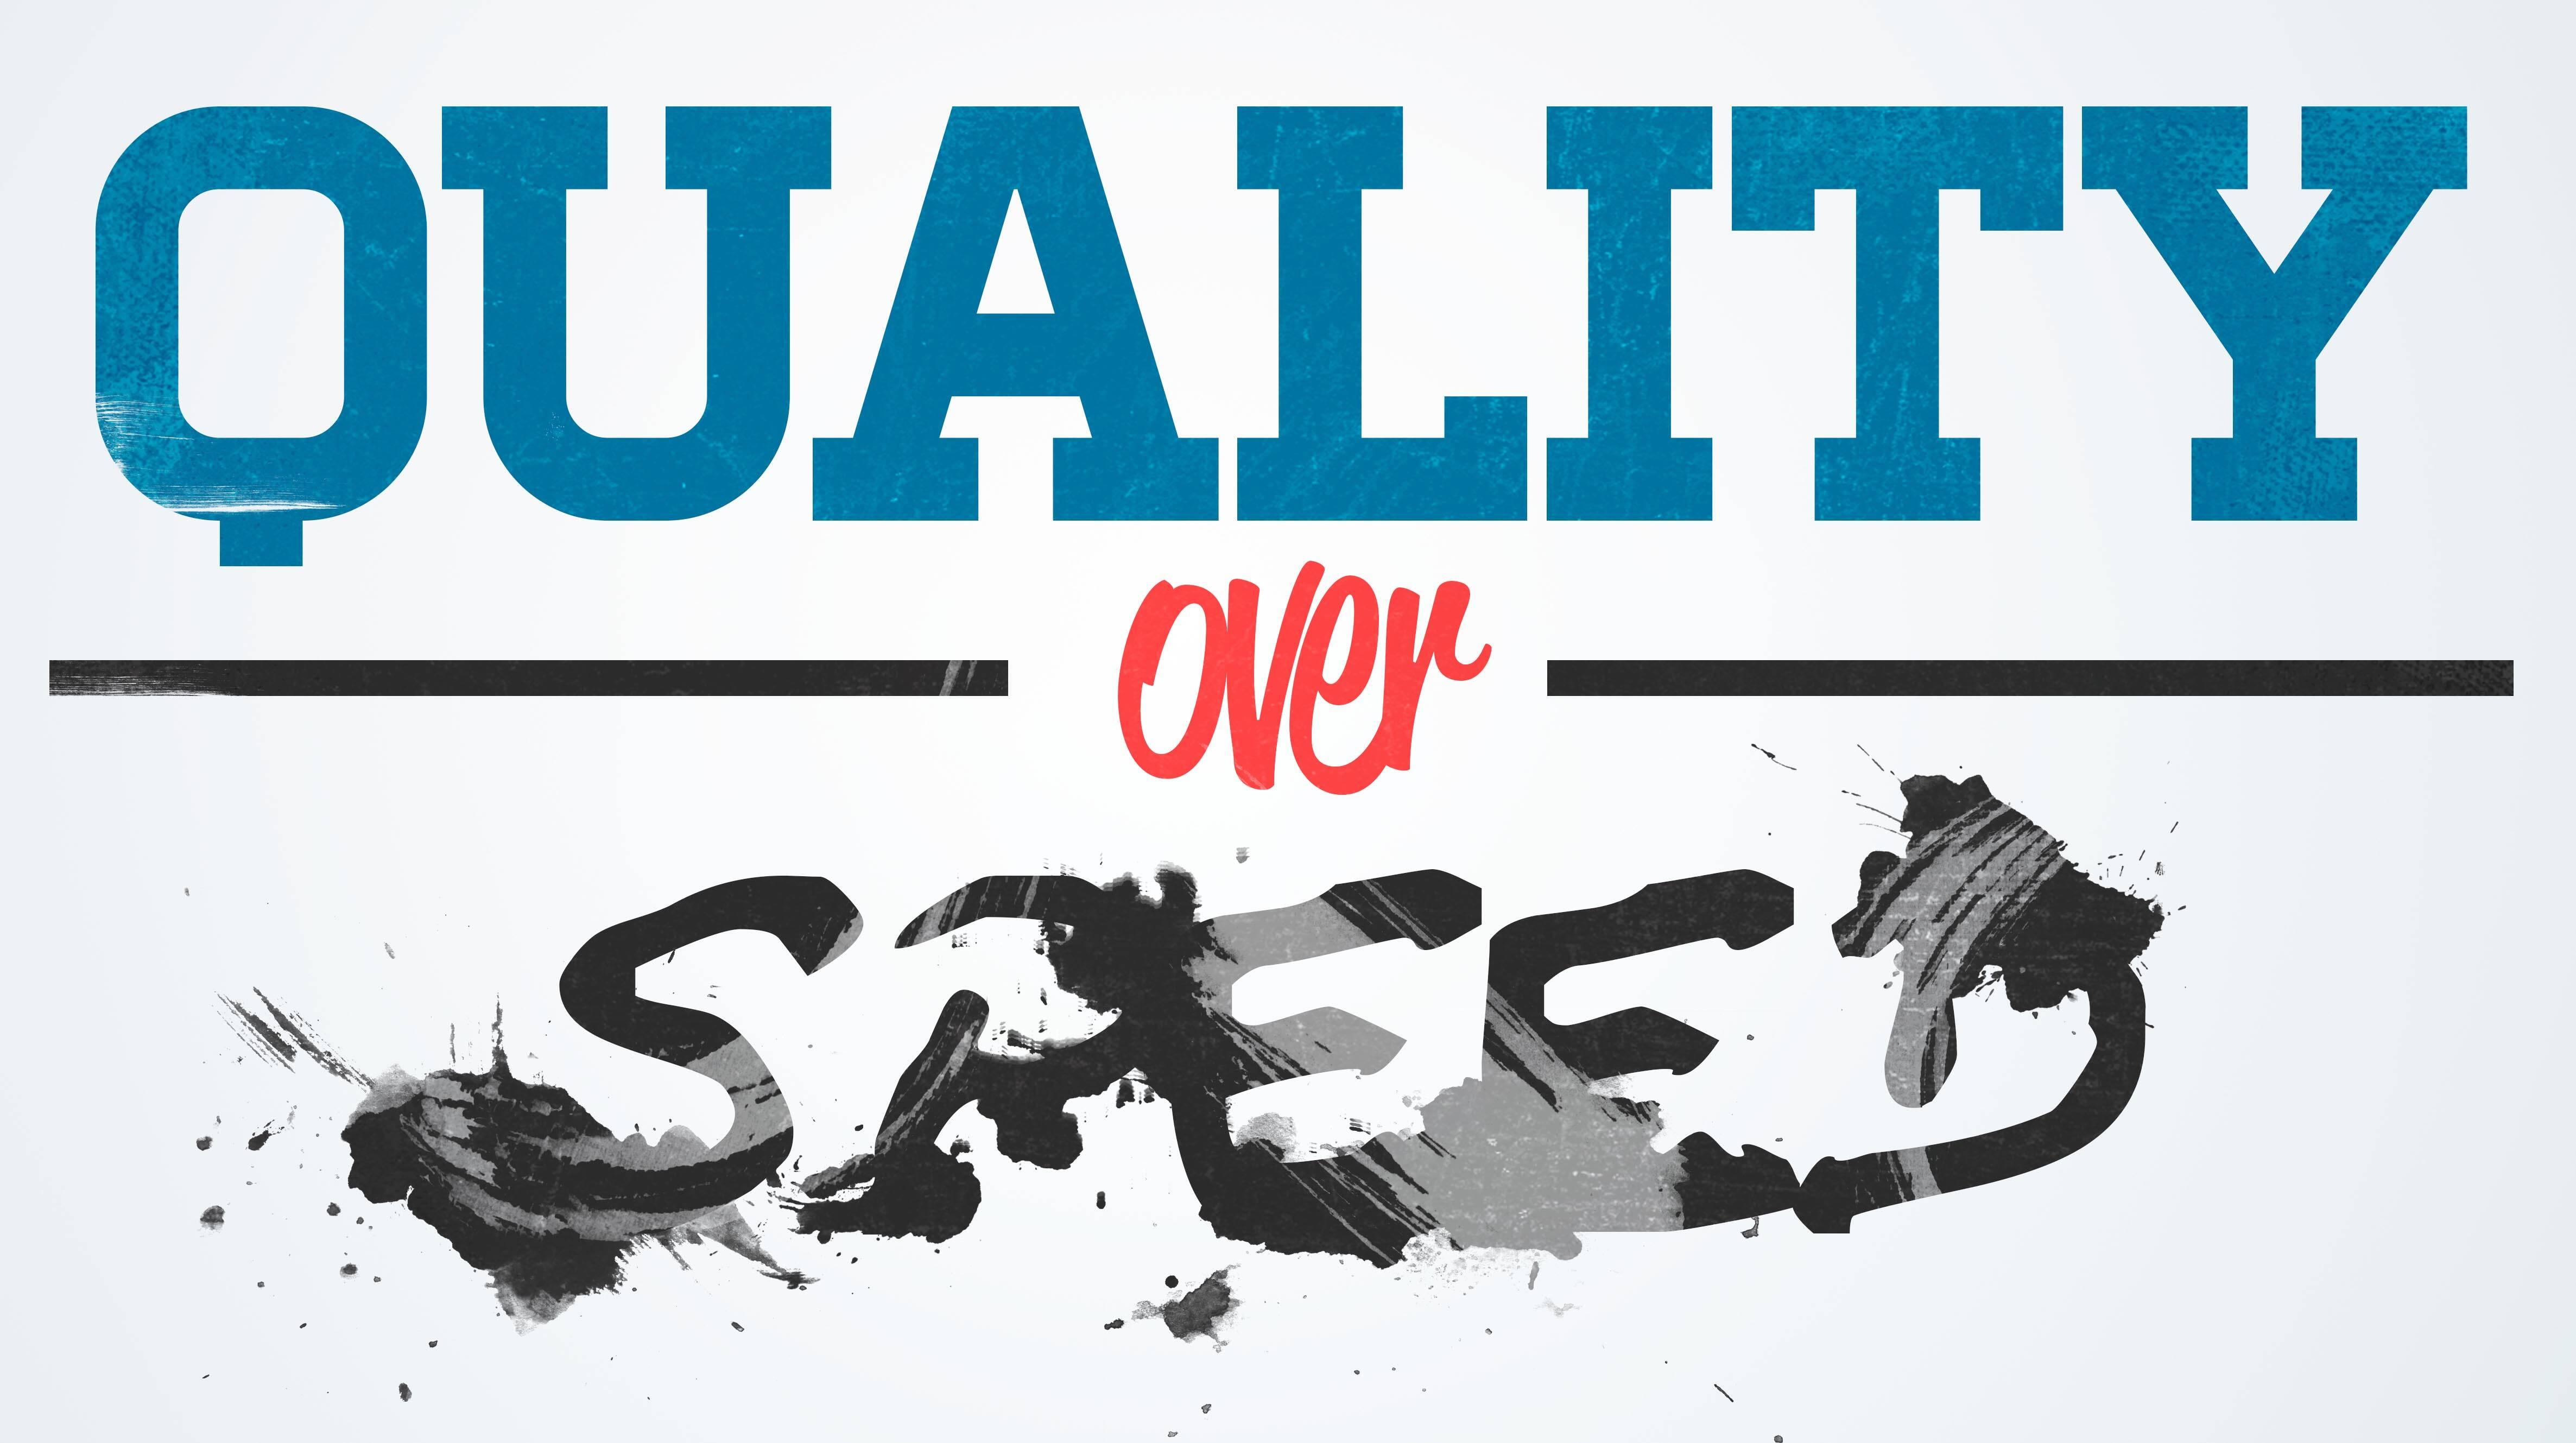 Devops for Choosing Speed Over Quality